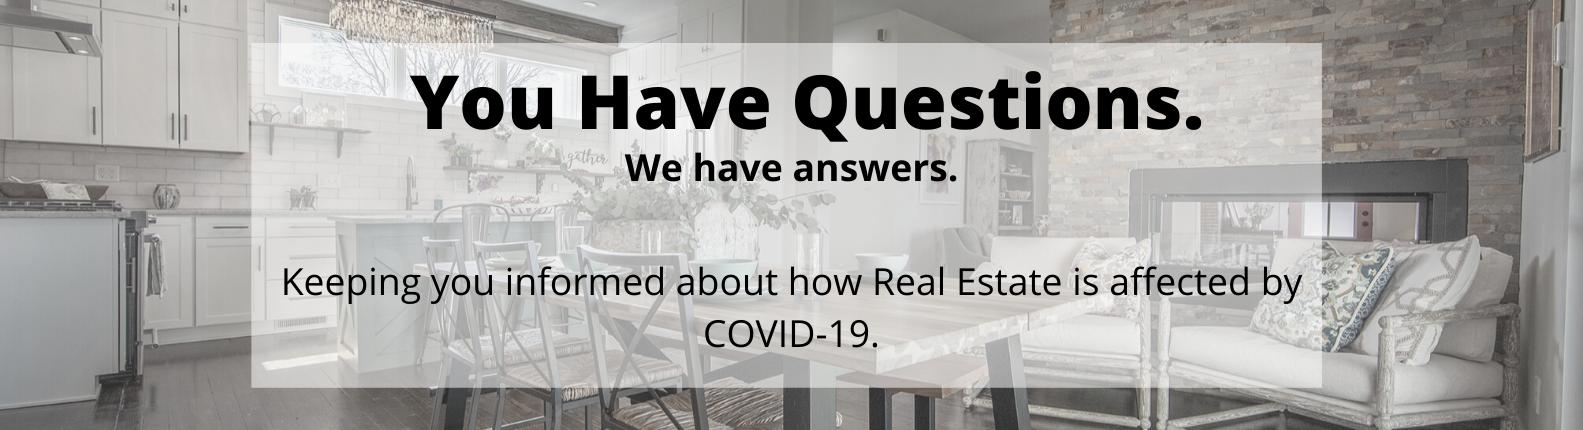 COVID-19 Real Estate